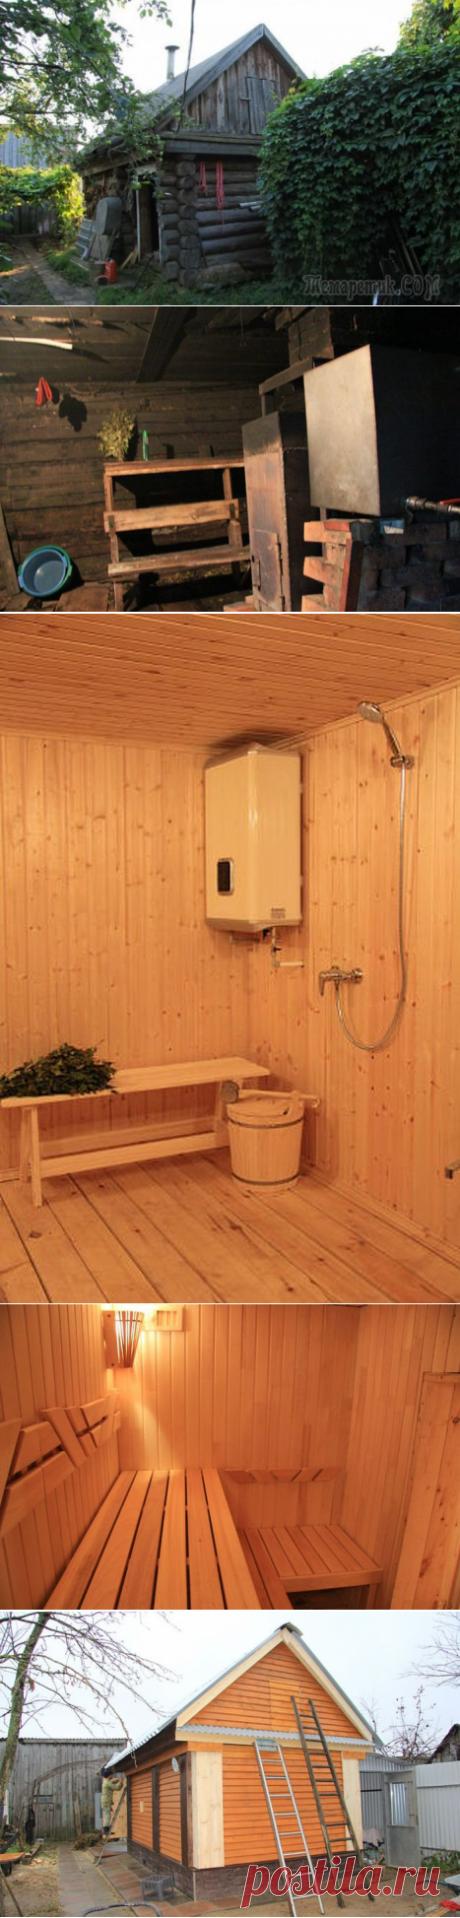 Все не так уж и сложно, как может показаться с первого взгляда: баня своими руками переделка